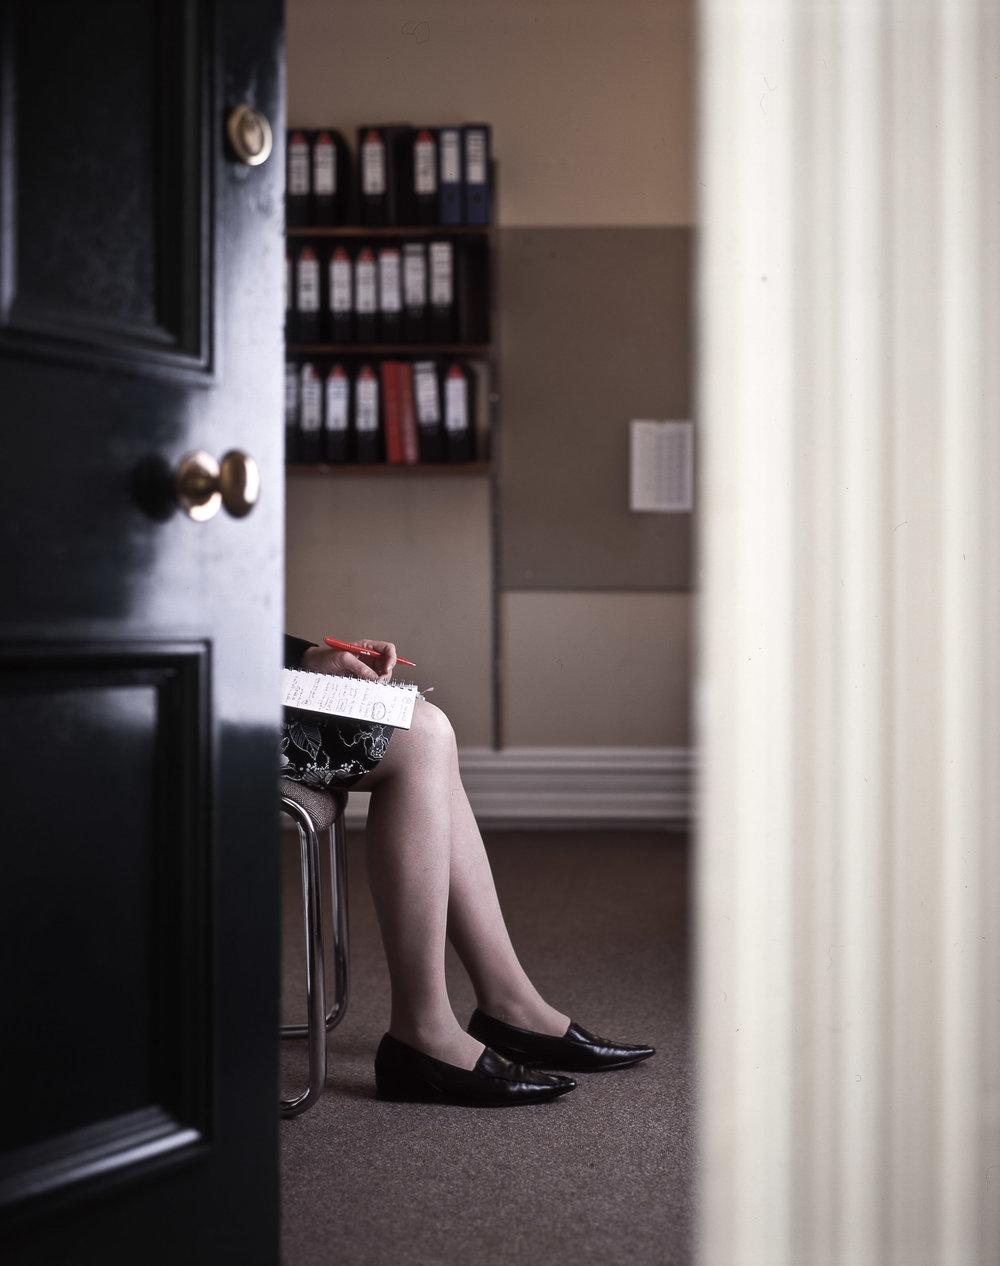 www.iaincrockart.com_not_work-counsellor.jpg